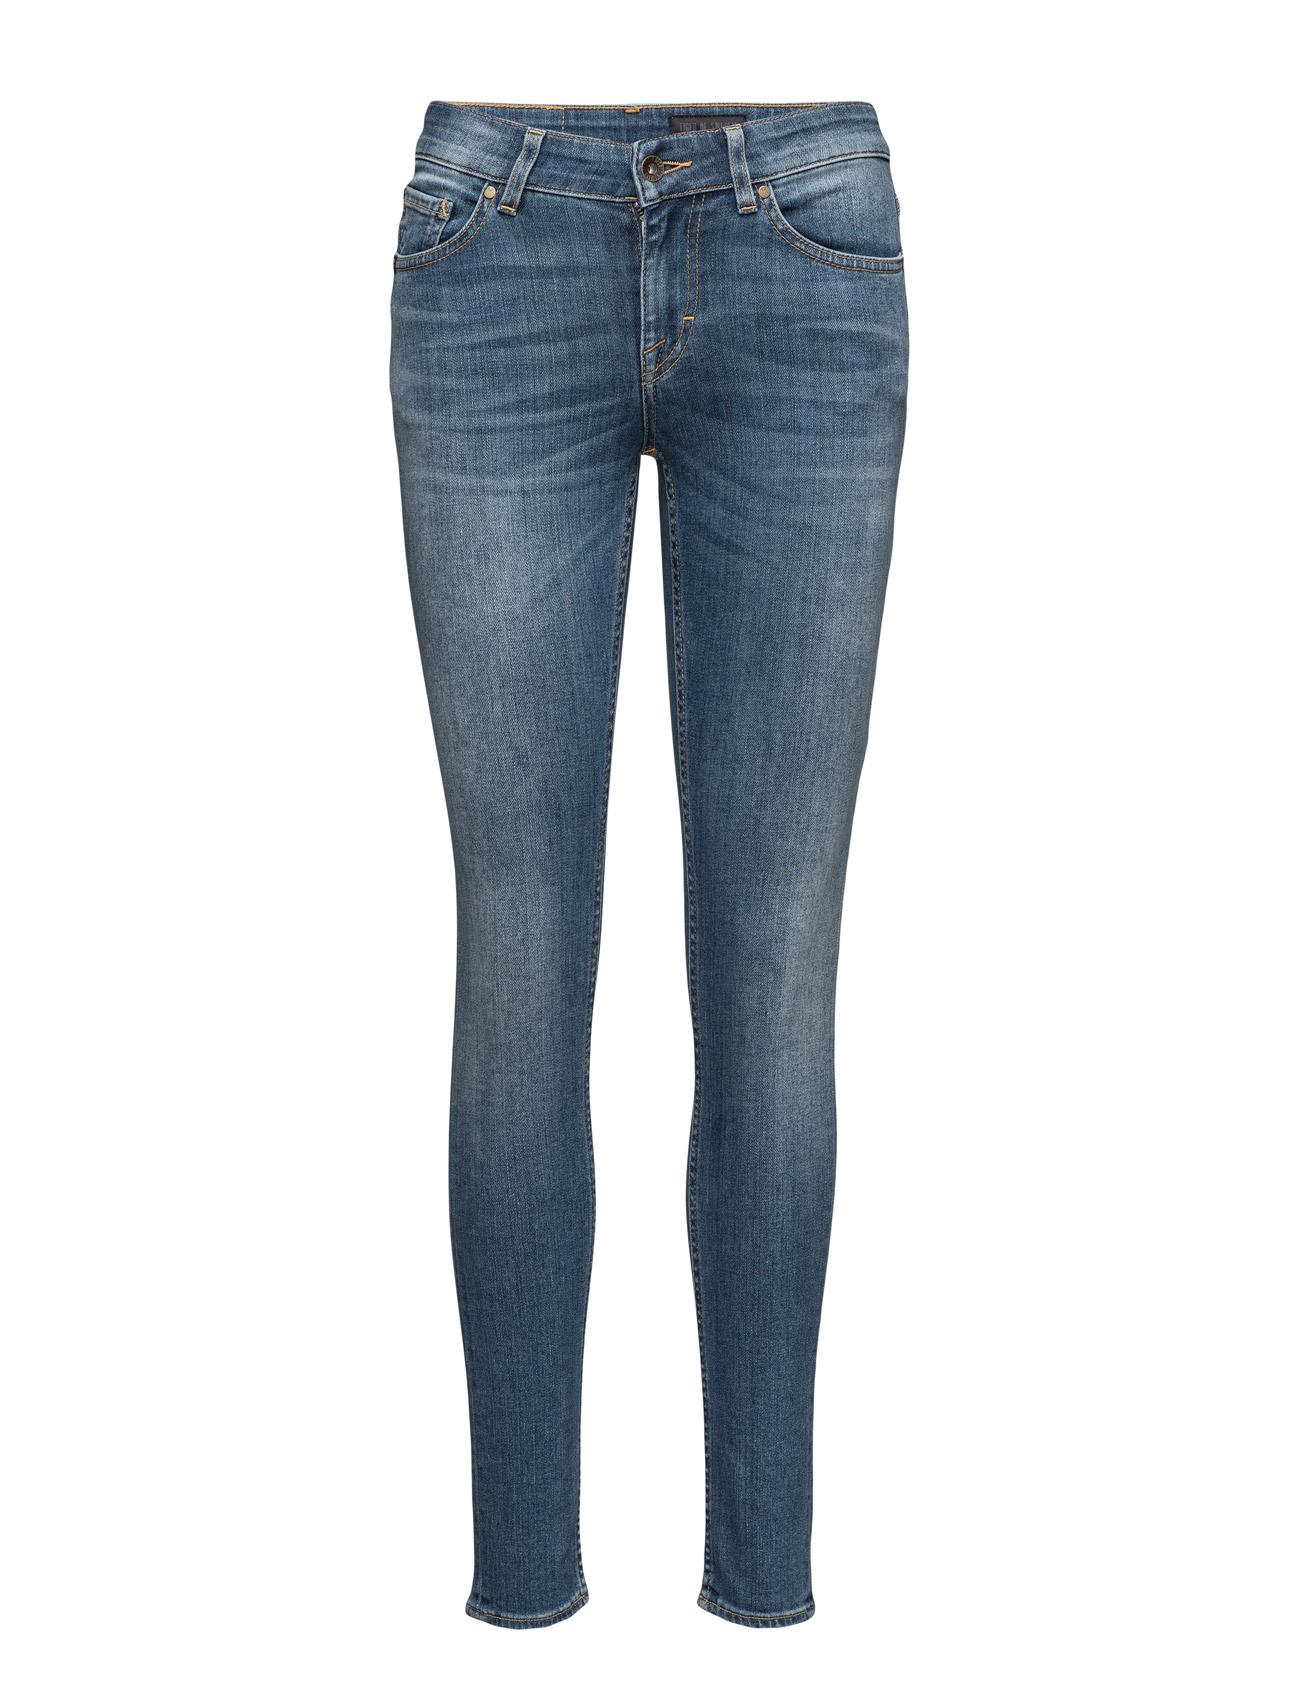 Slight Tiger of Sweden Jeans Jeans til Kvinder i Medium Blå